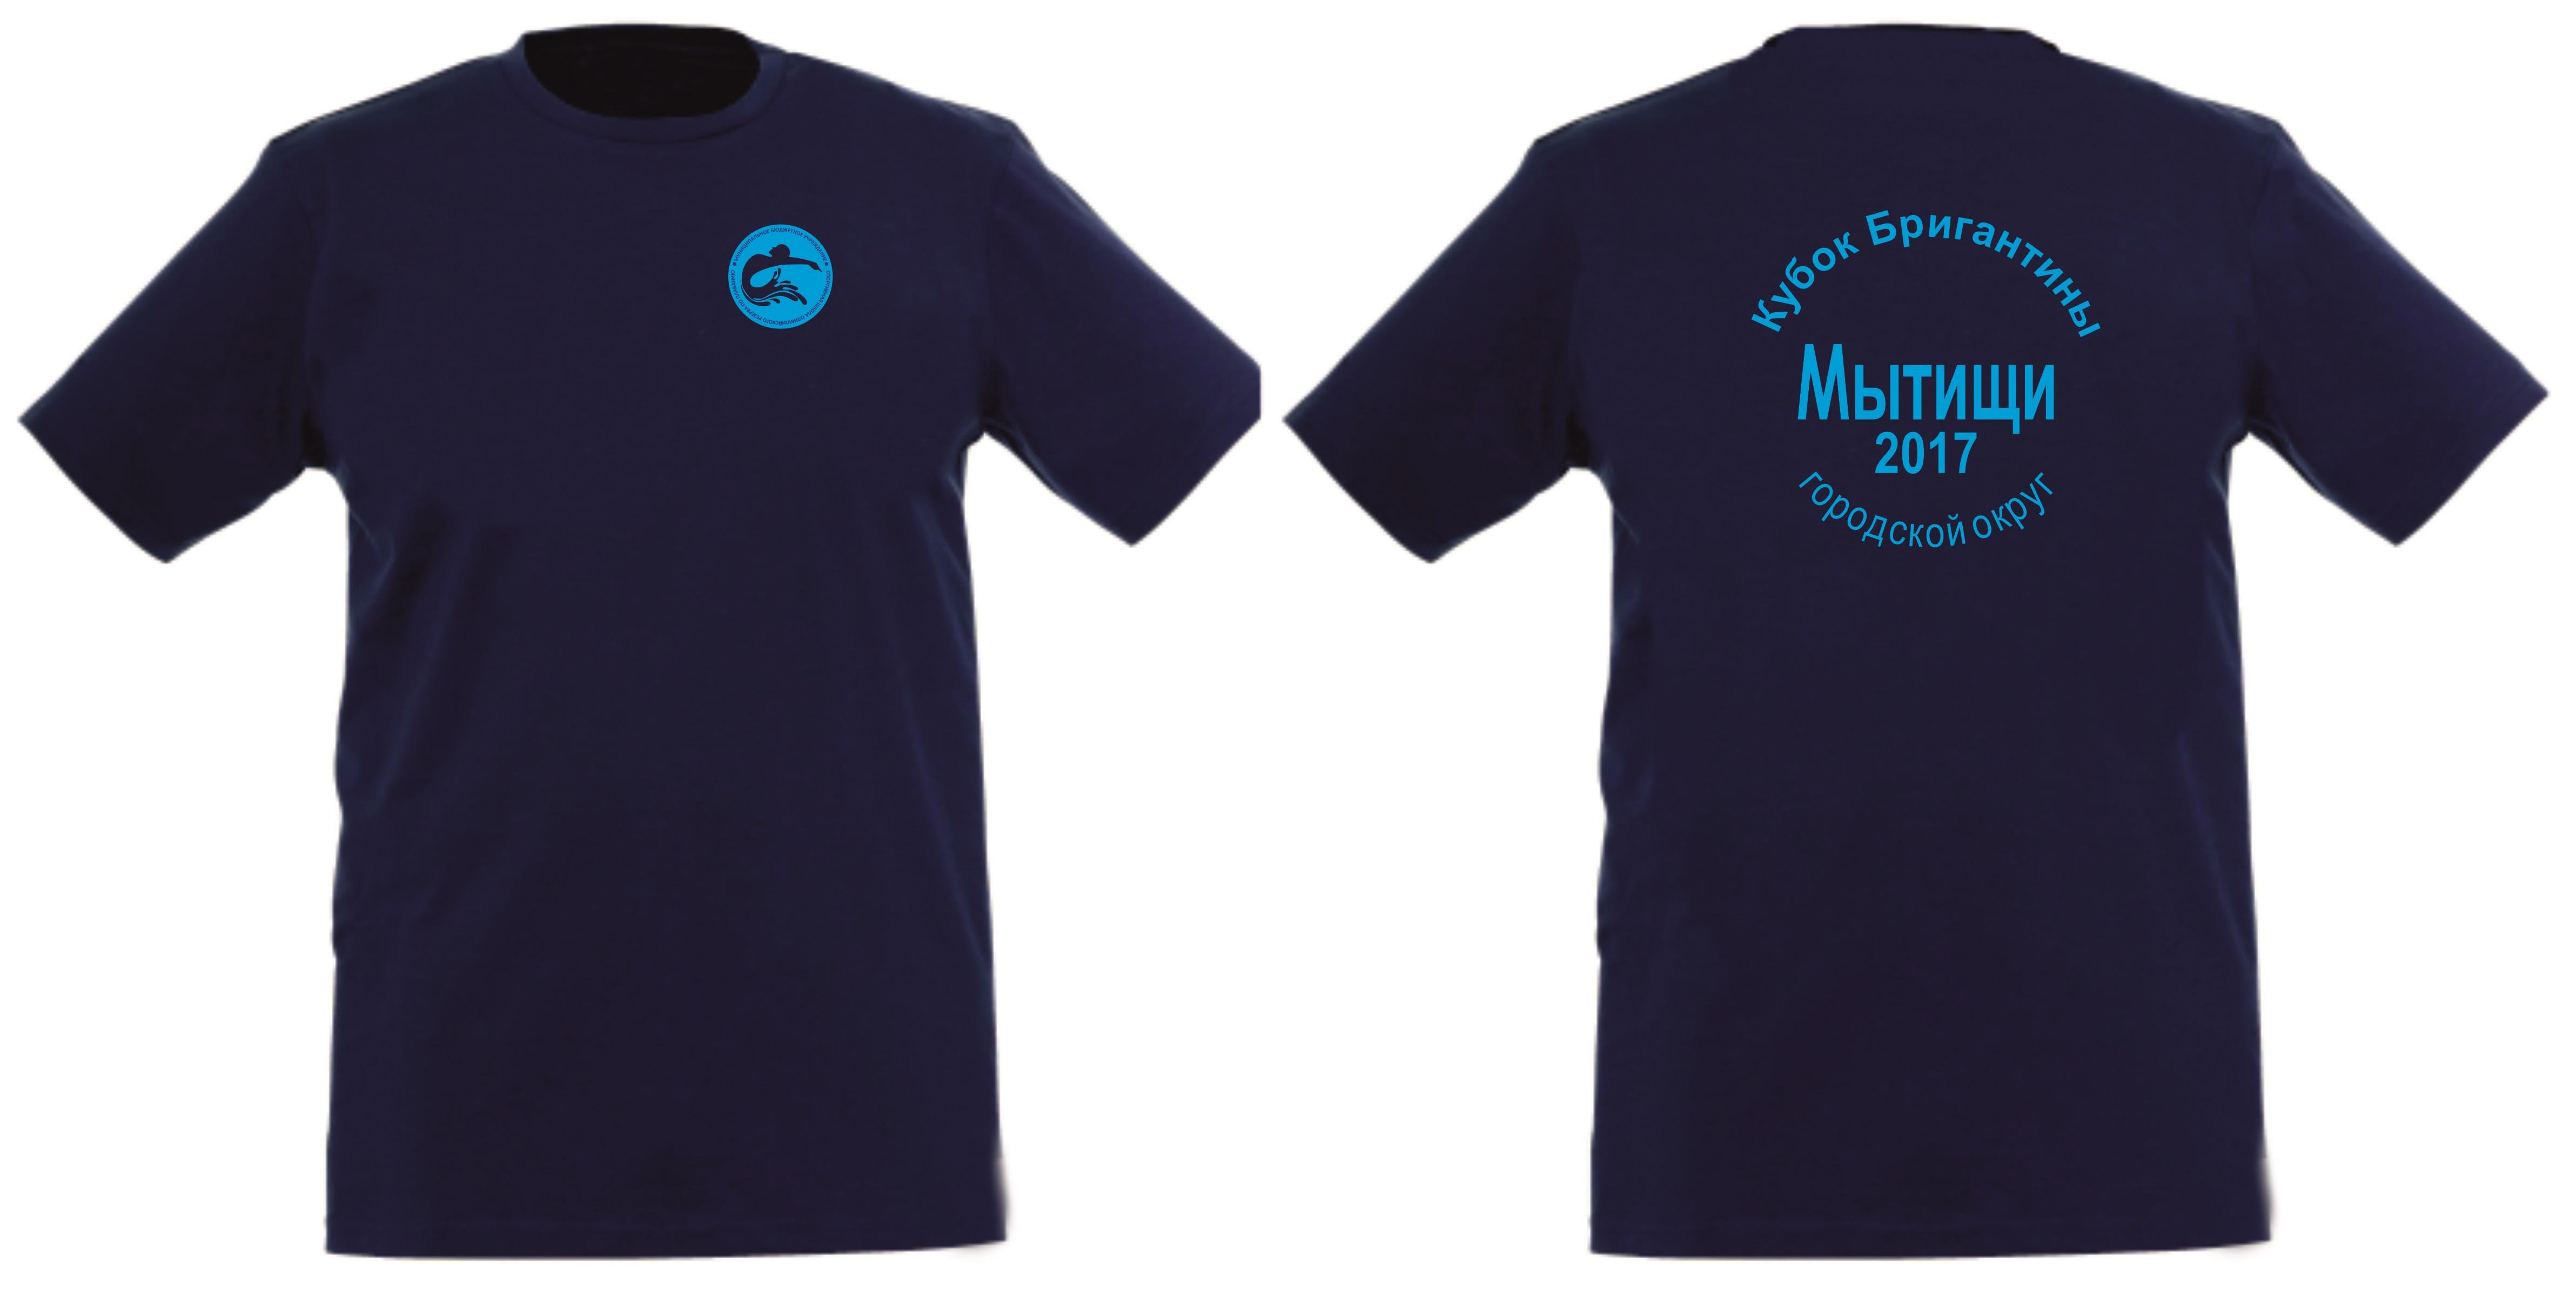 Нанесение логотипов на футболка Мытищи_футболка_плавание_на_печать_со_схемой_нанесения.jpg